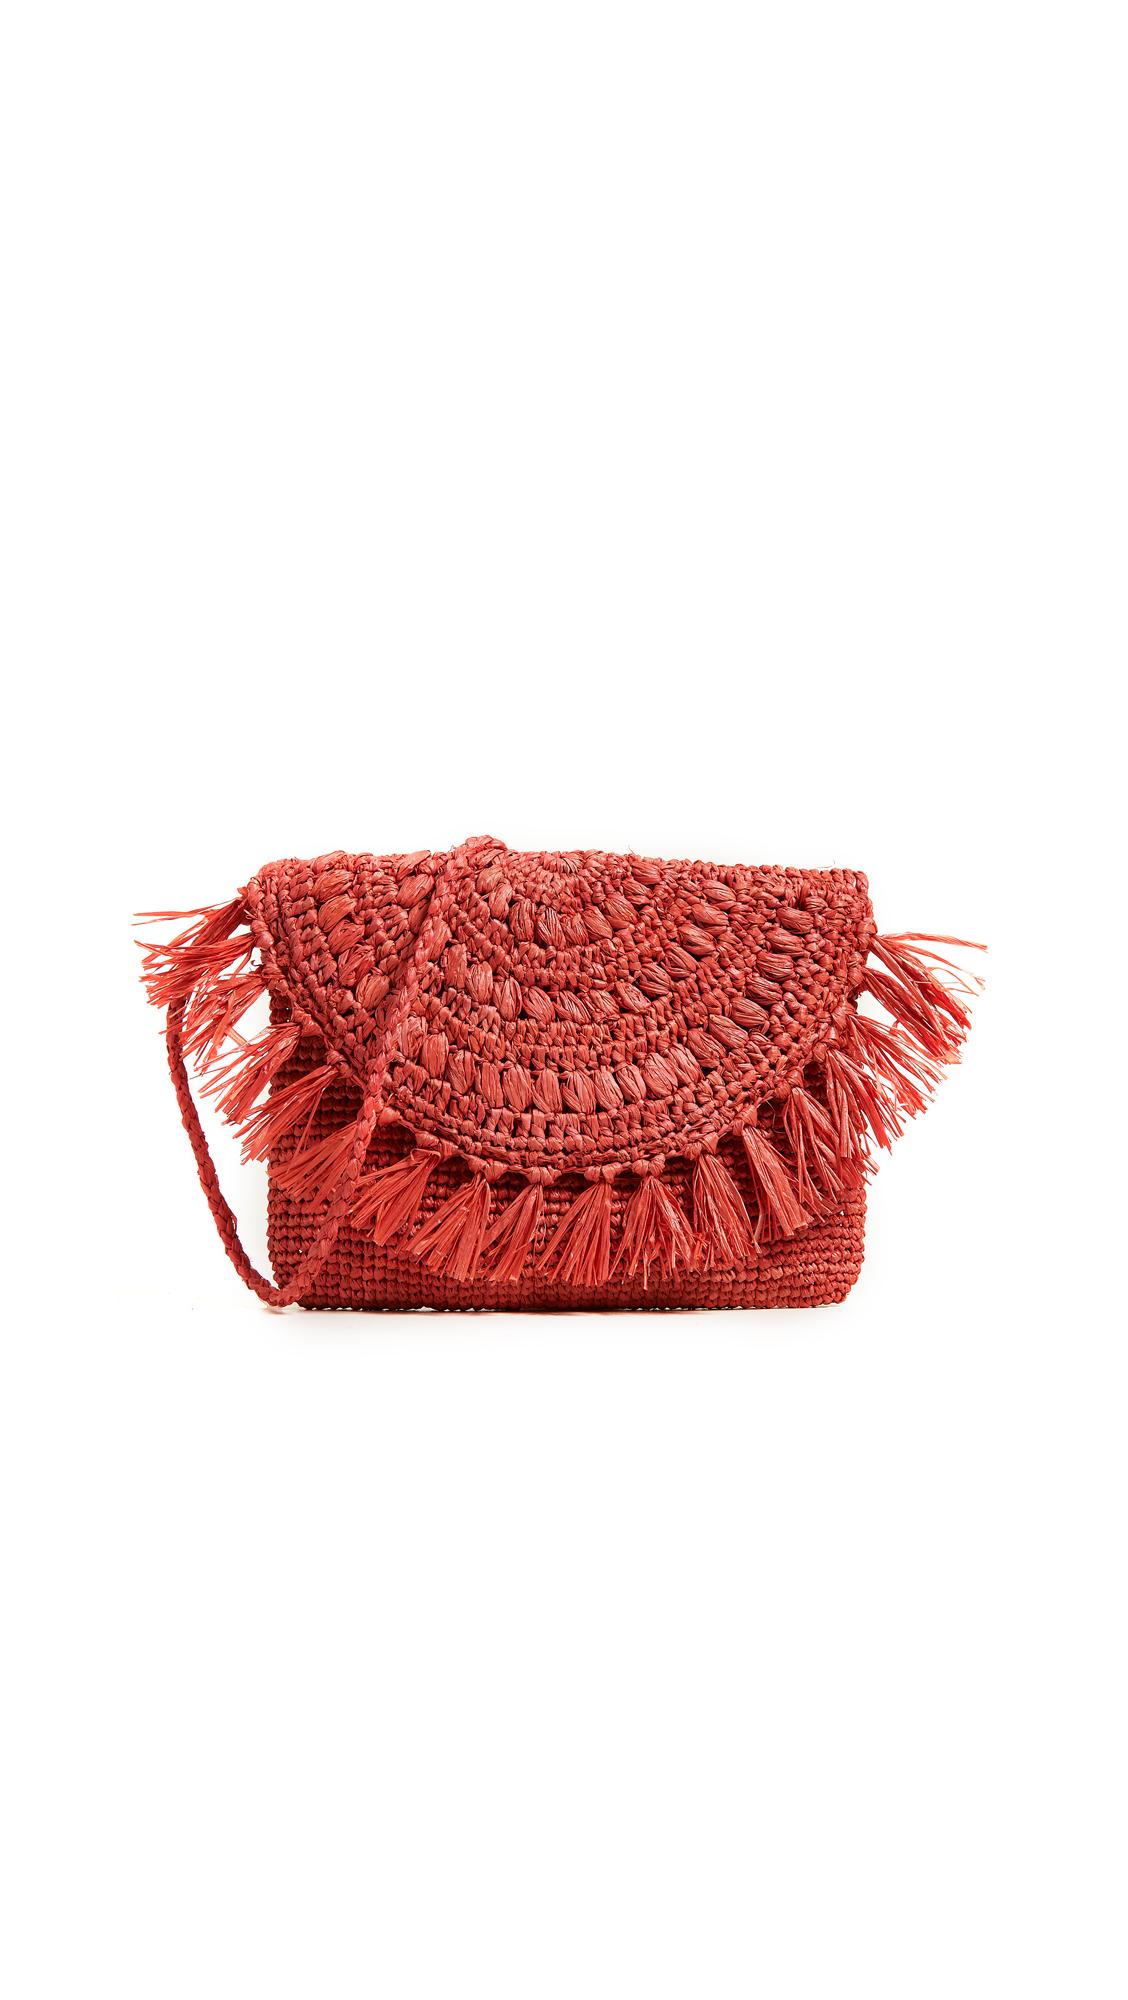 Mar Y Sol New Mia Cross Body Bag - Coral